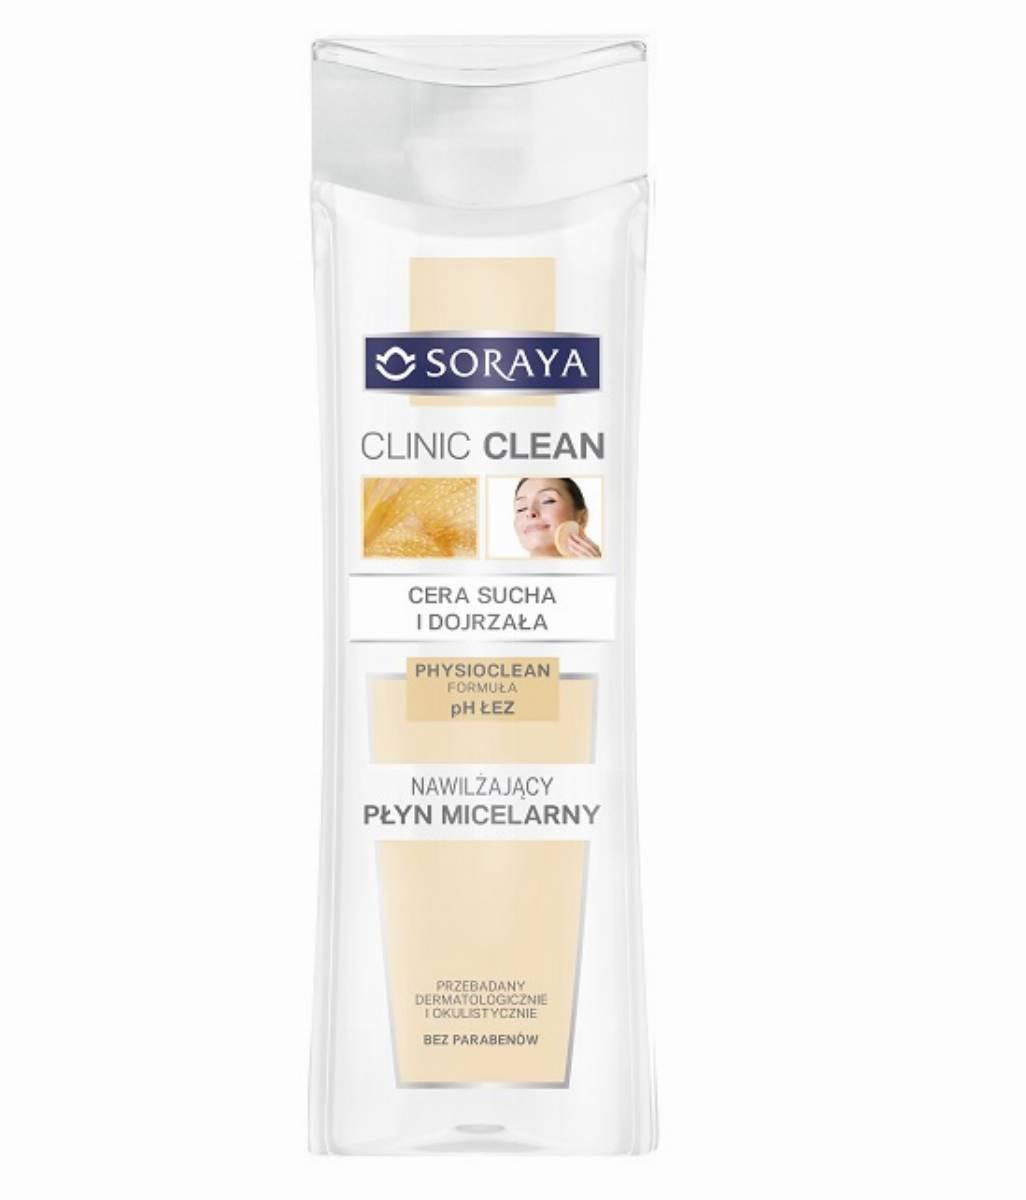 Soraya CLINIC CLEAN -nawilzajacy plyn miceralny